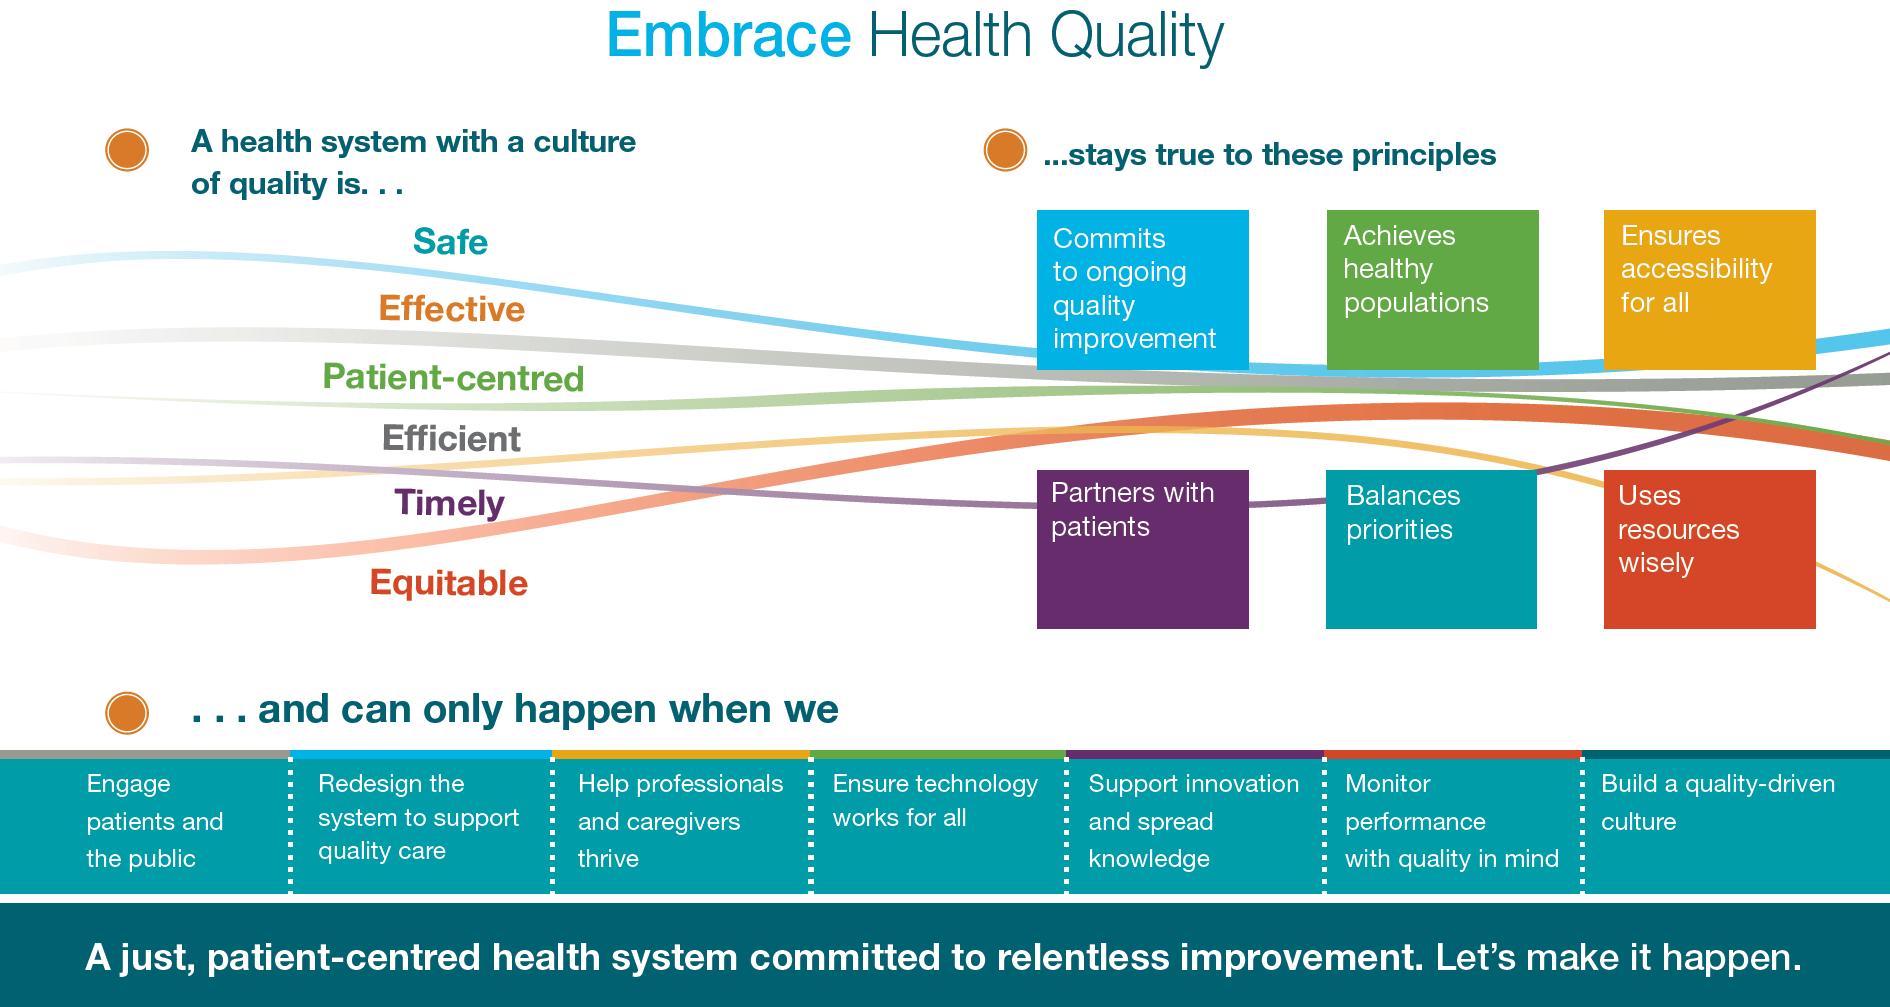 Embrace Health Quality